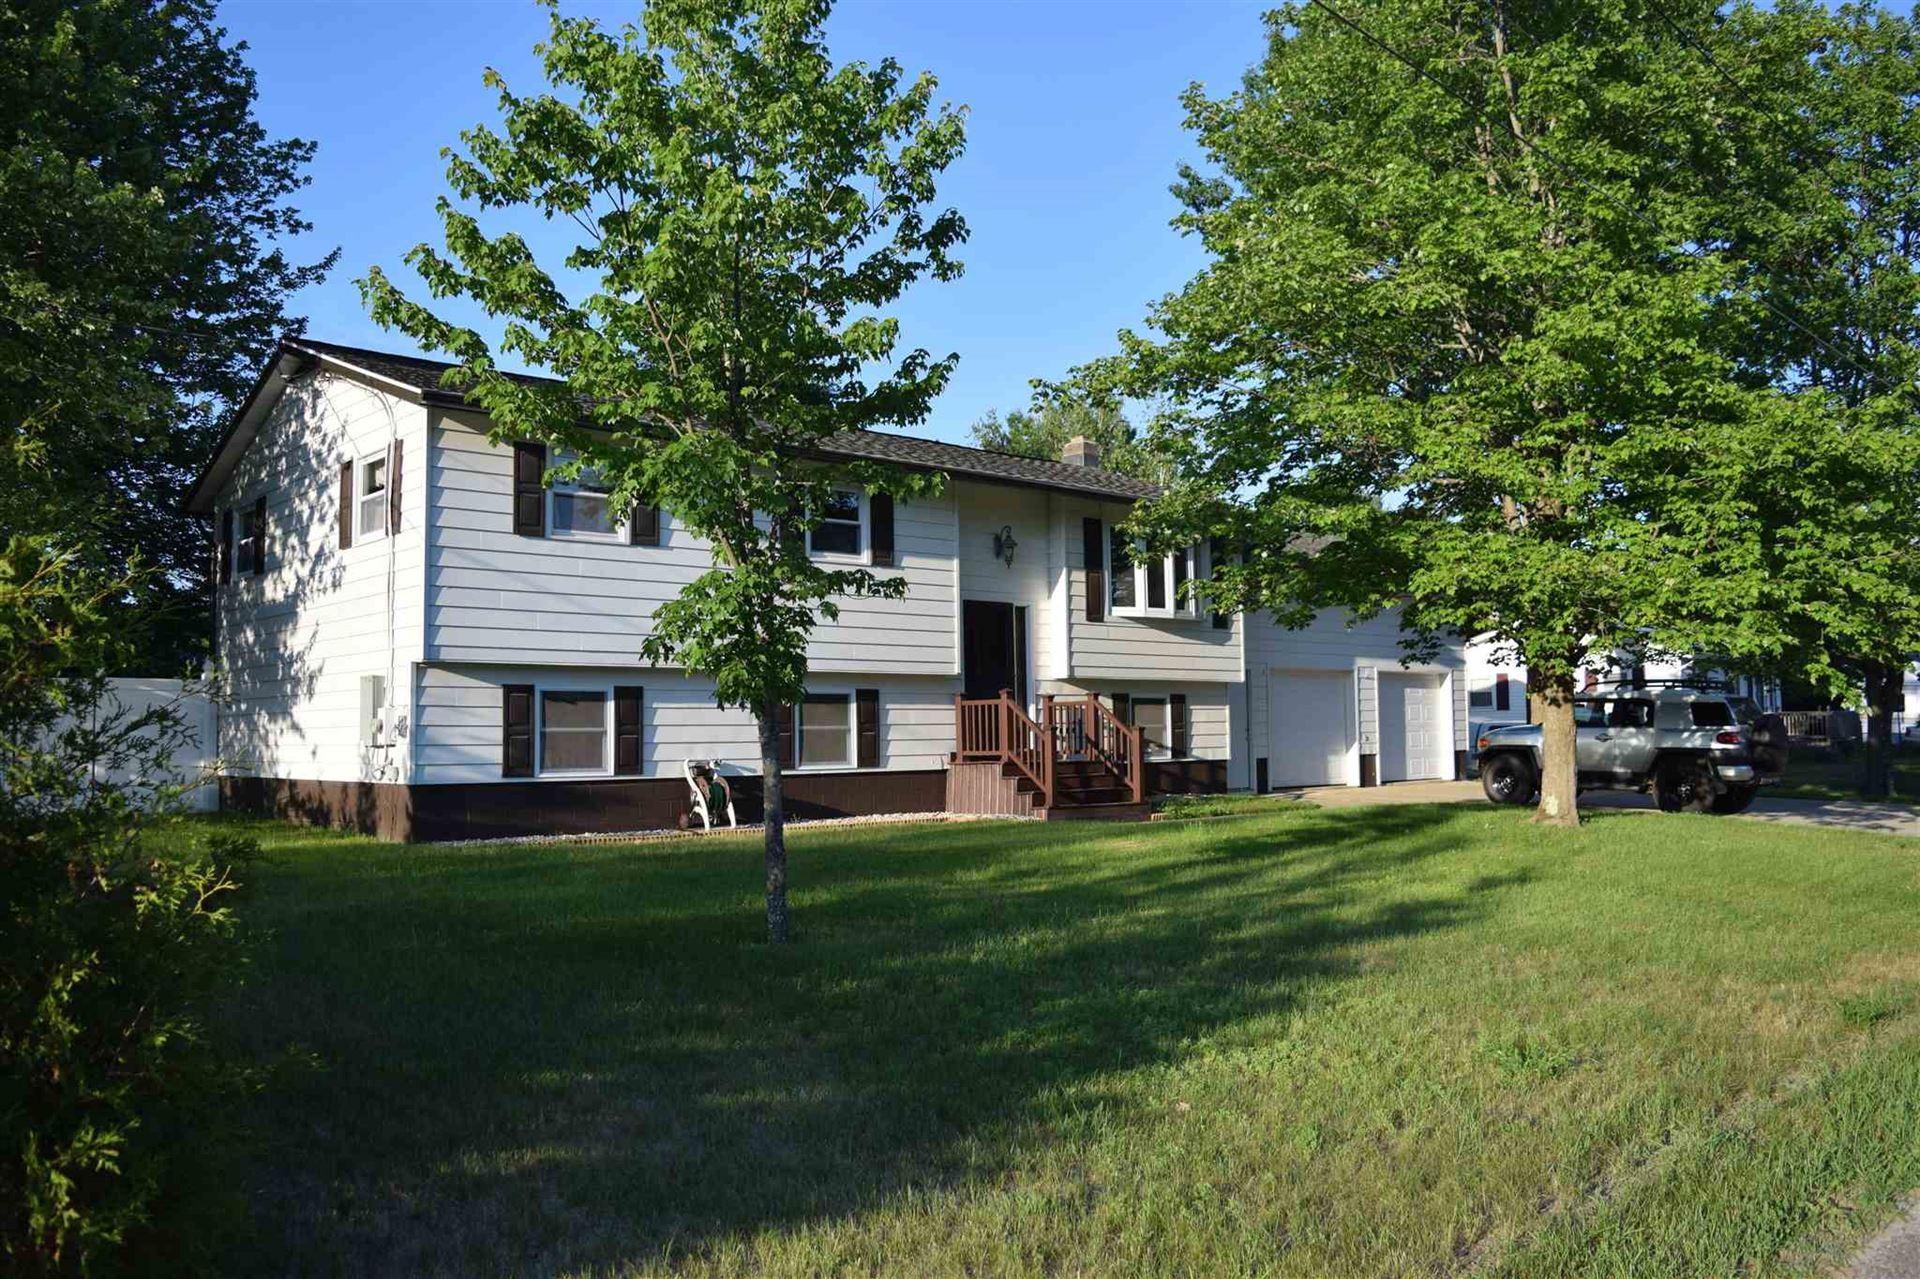 29 Birch Lane, Milton, VT 05468 - #: 4813890